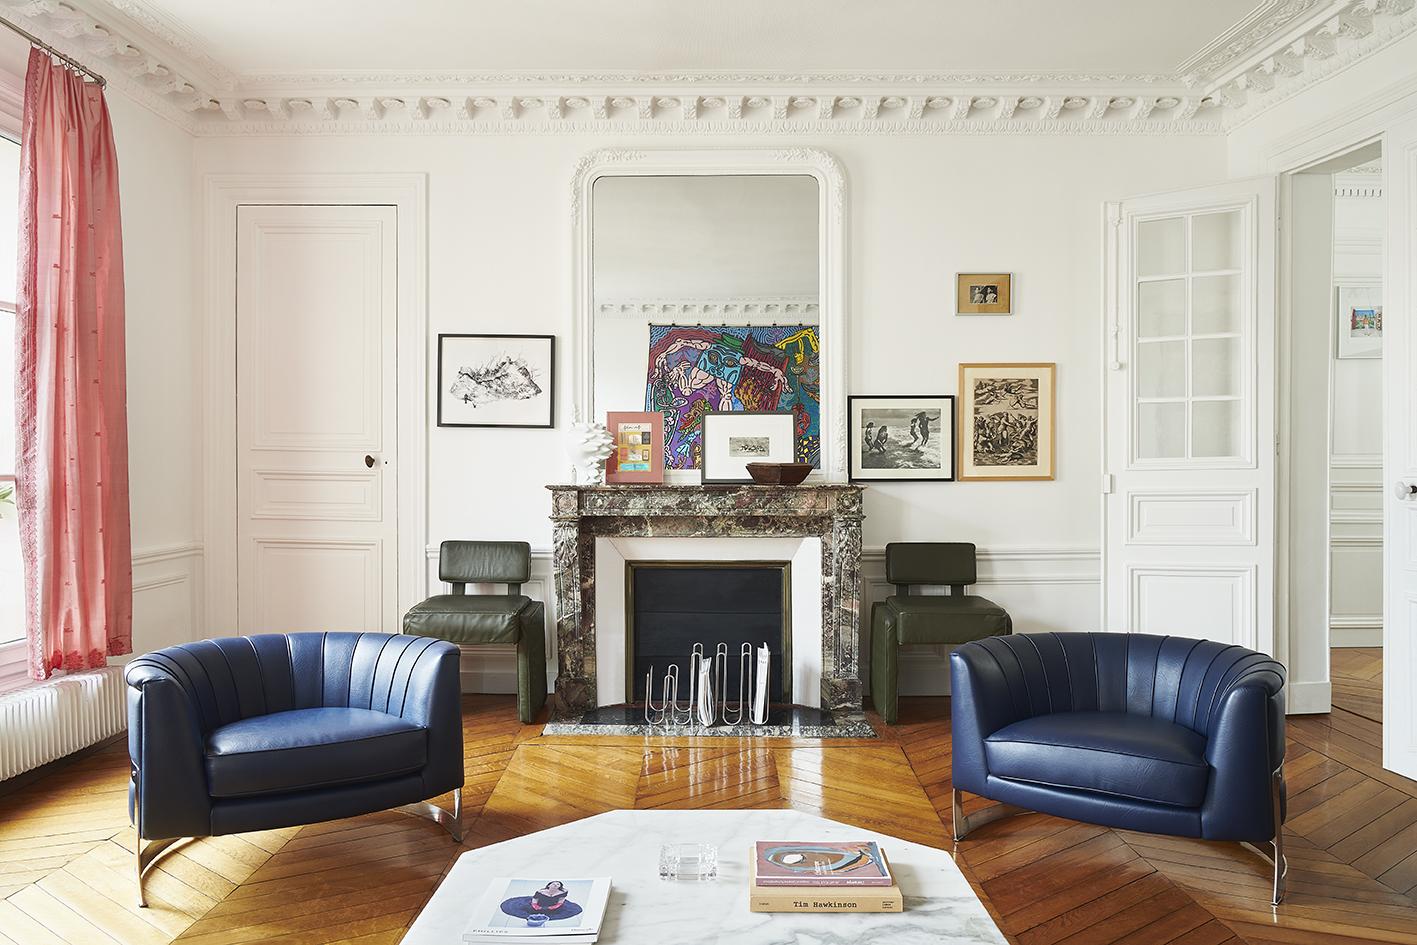 l'eclettismo-soft-di-un-appartamento-parigino